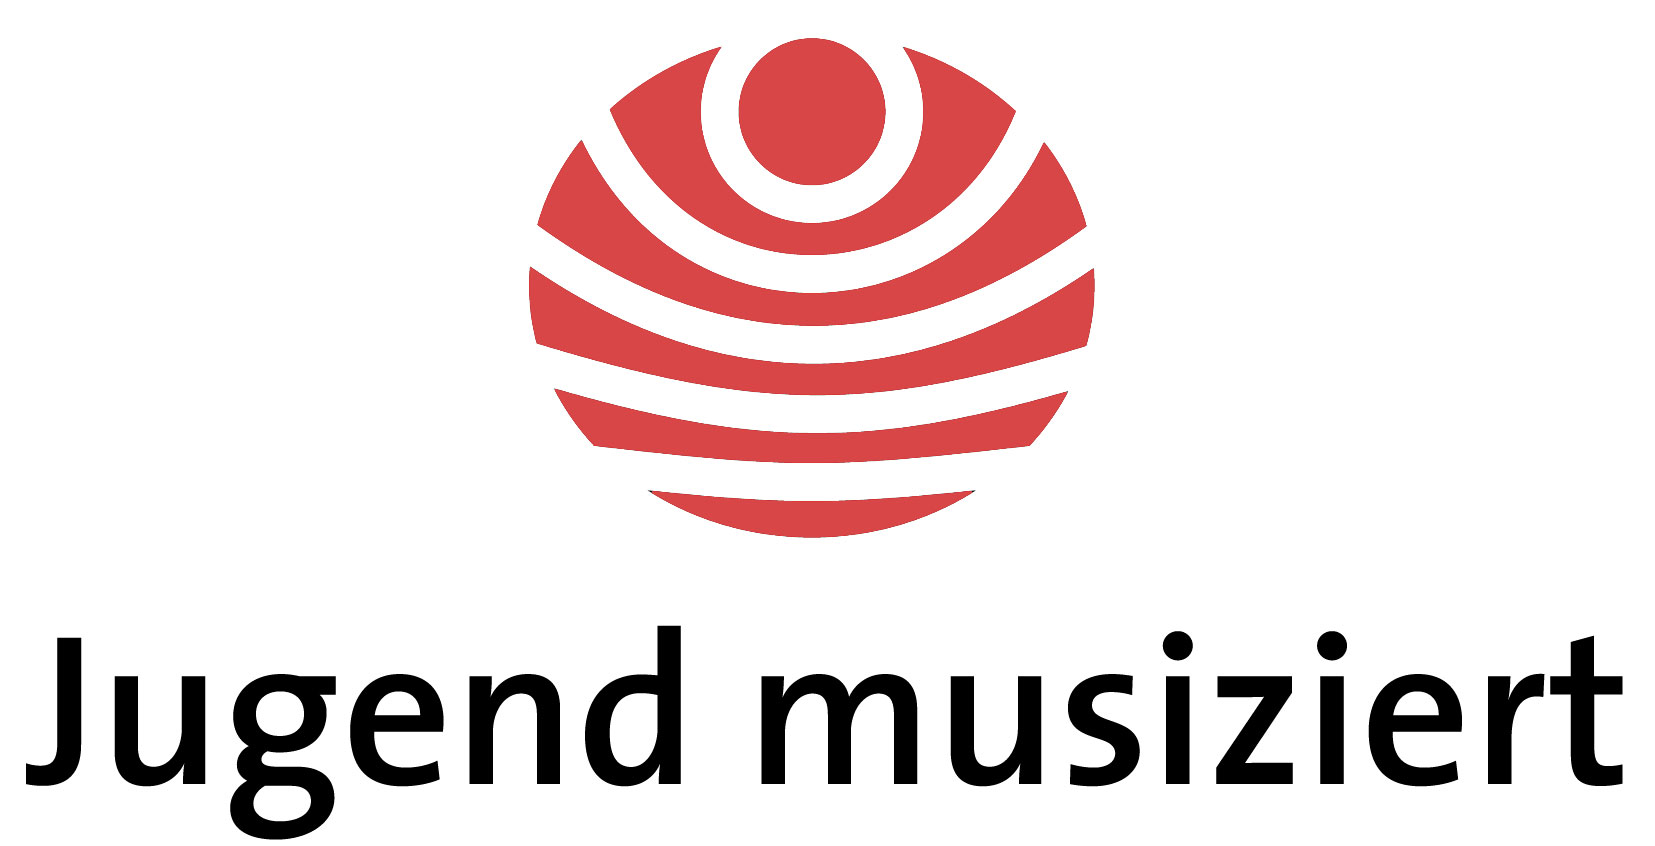 jugend_musiziert